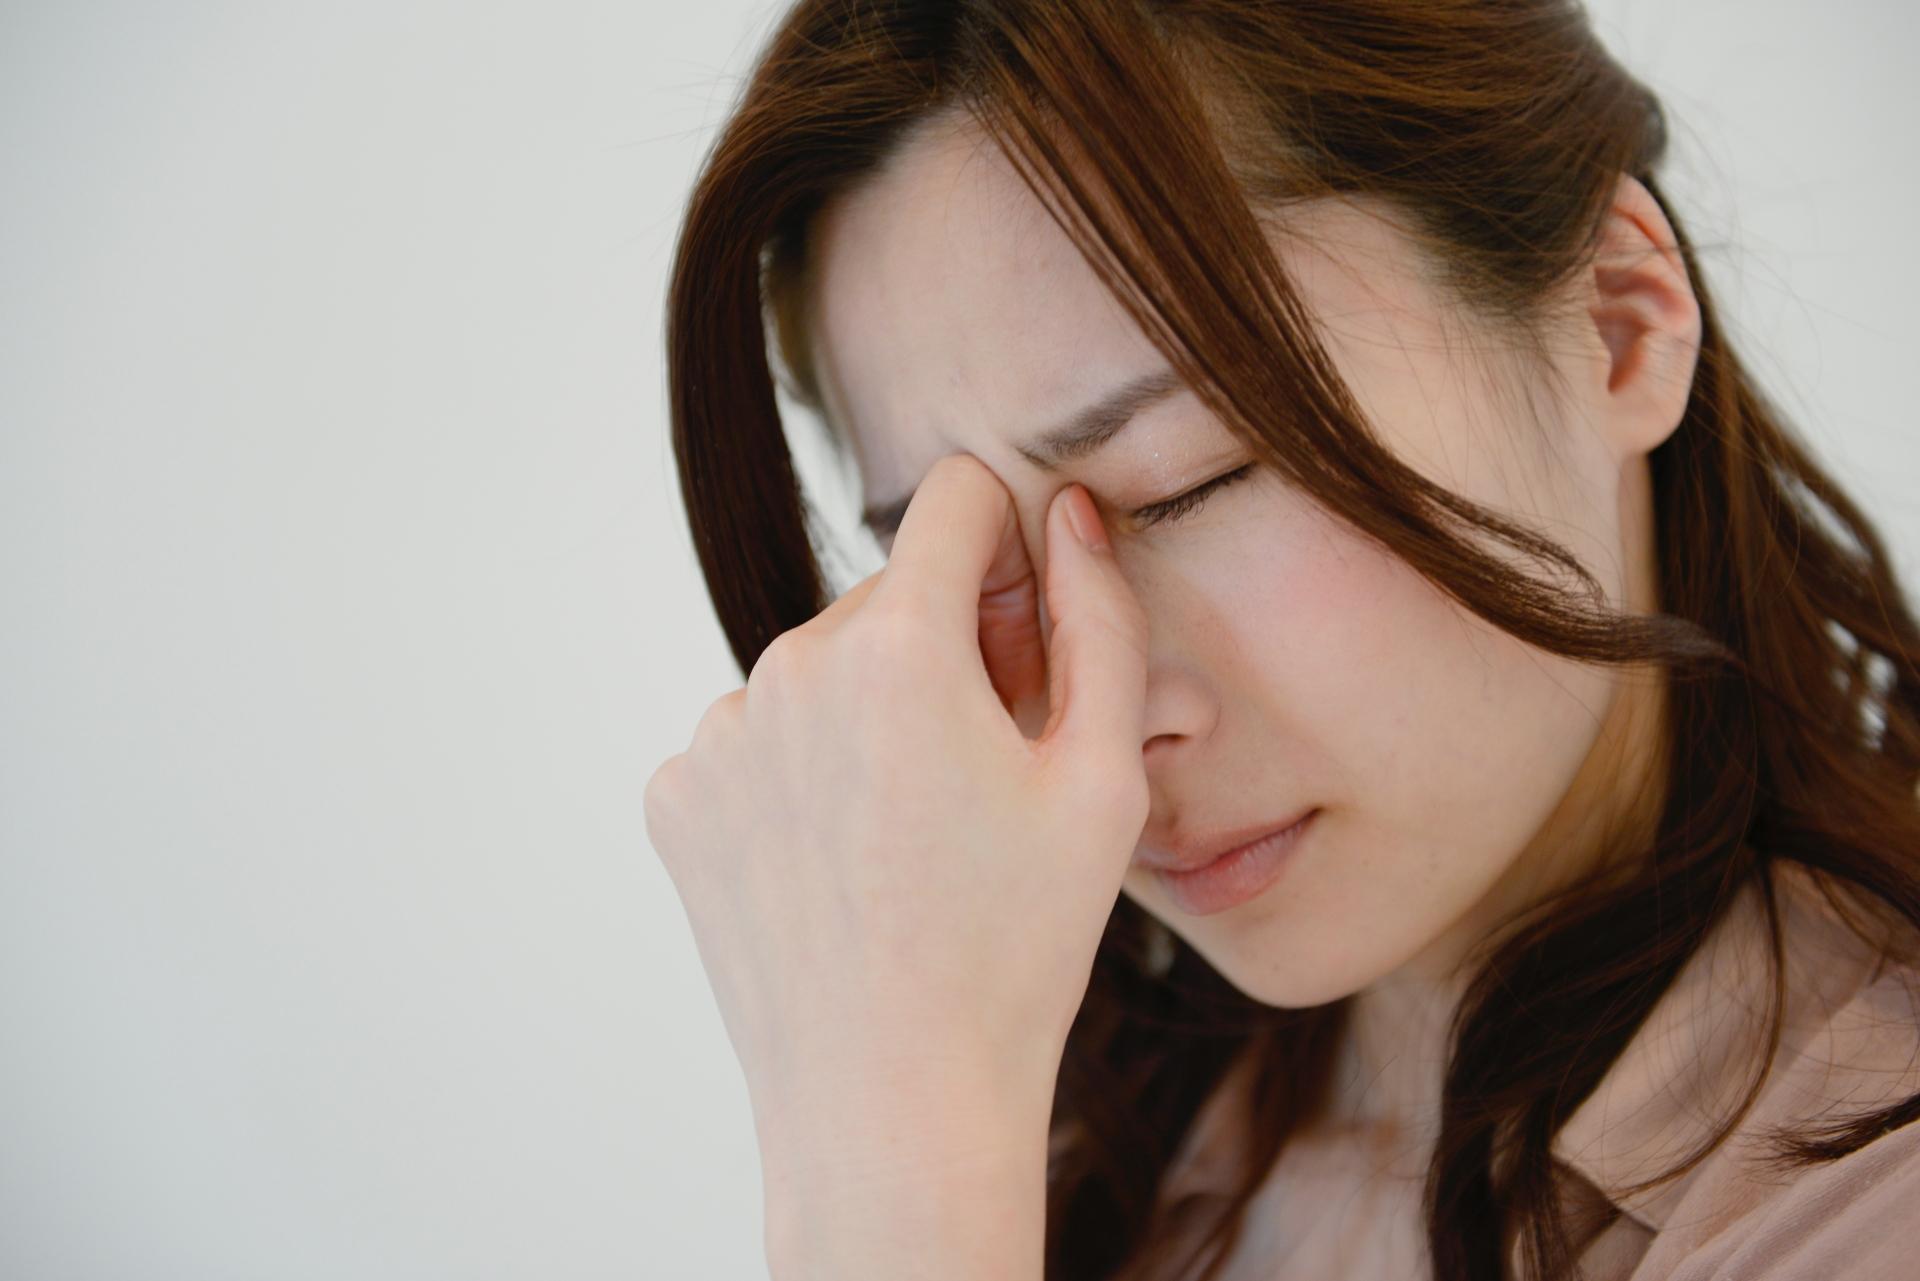 頭痛にはどのようなものがあるの?緊張型頭痛と群発頭痛について